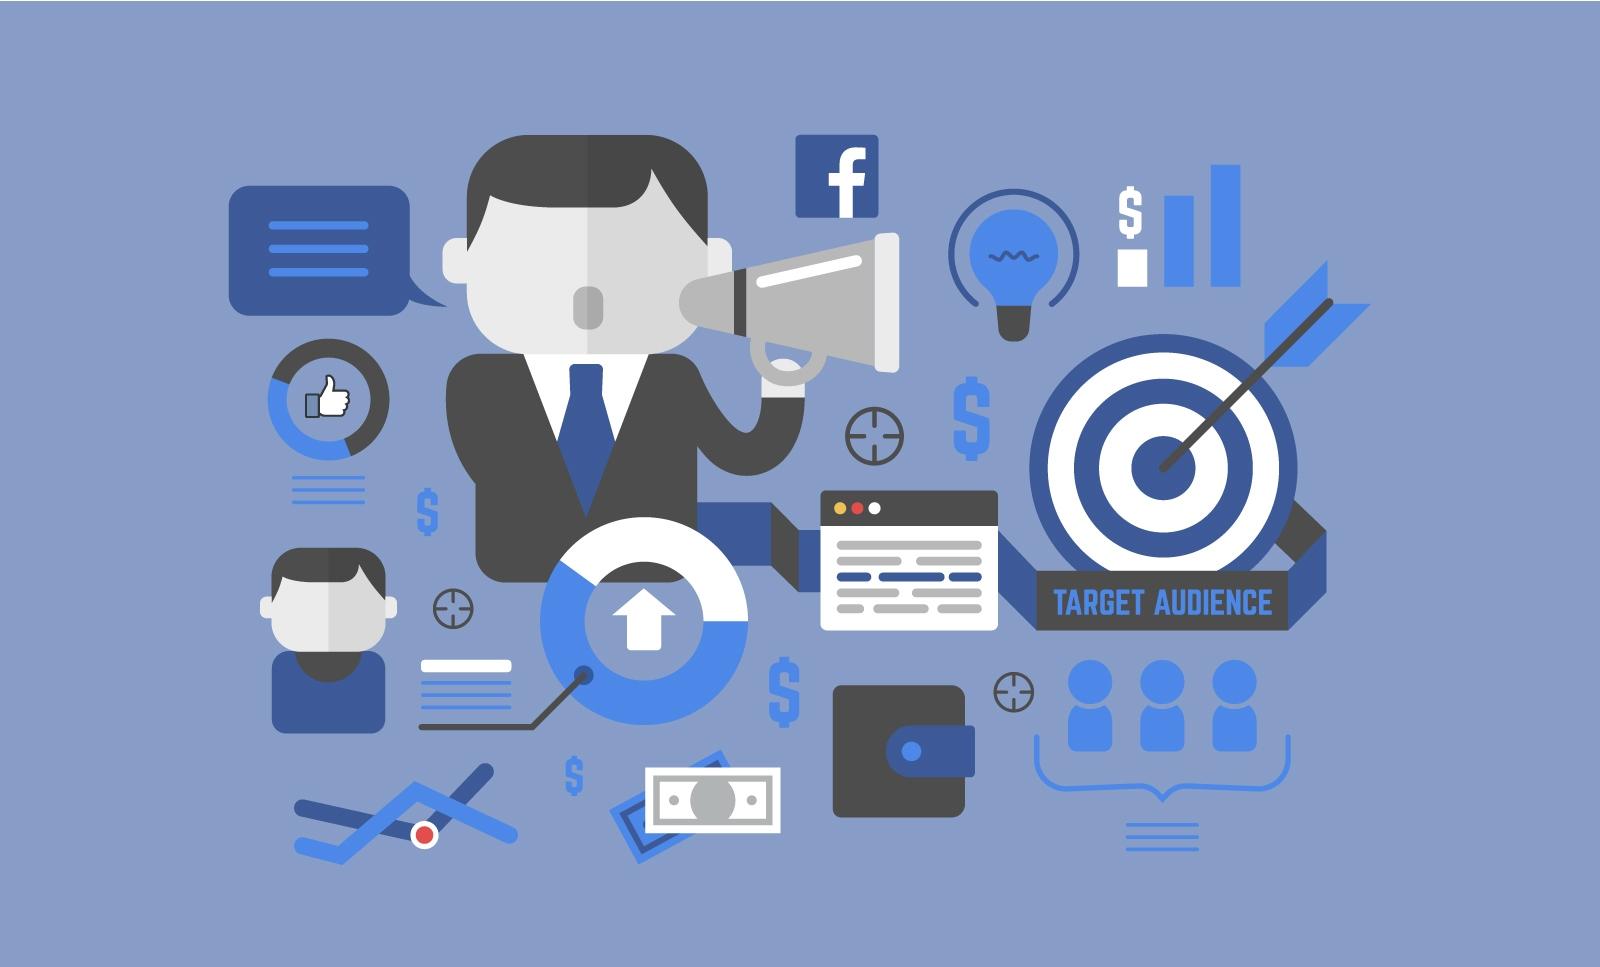 Продвижение бизнес-аккаунта ,с помощью таргетированной рекламы